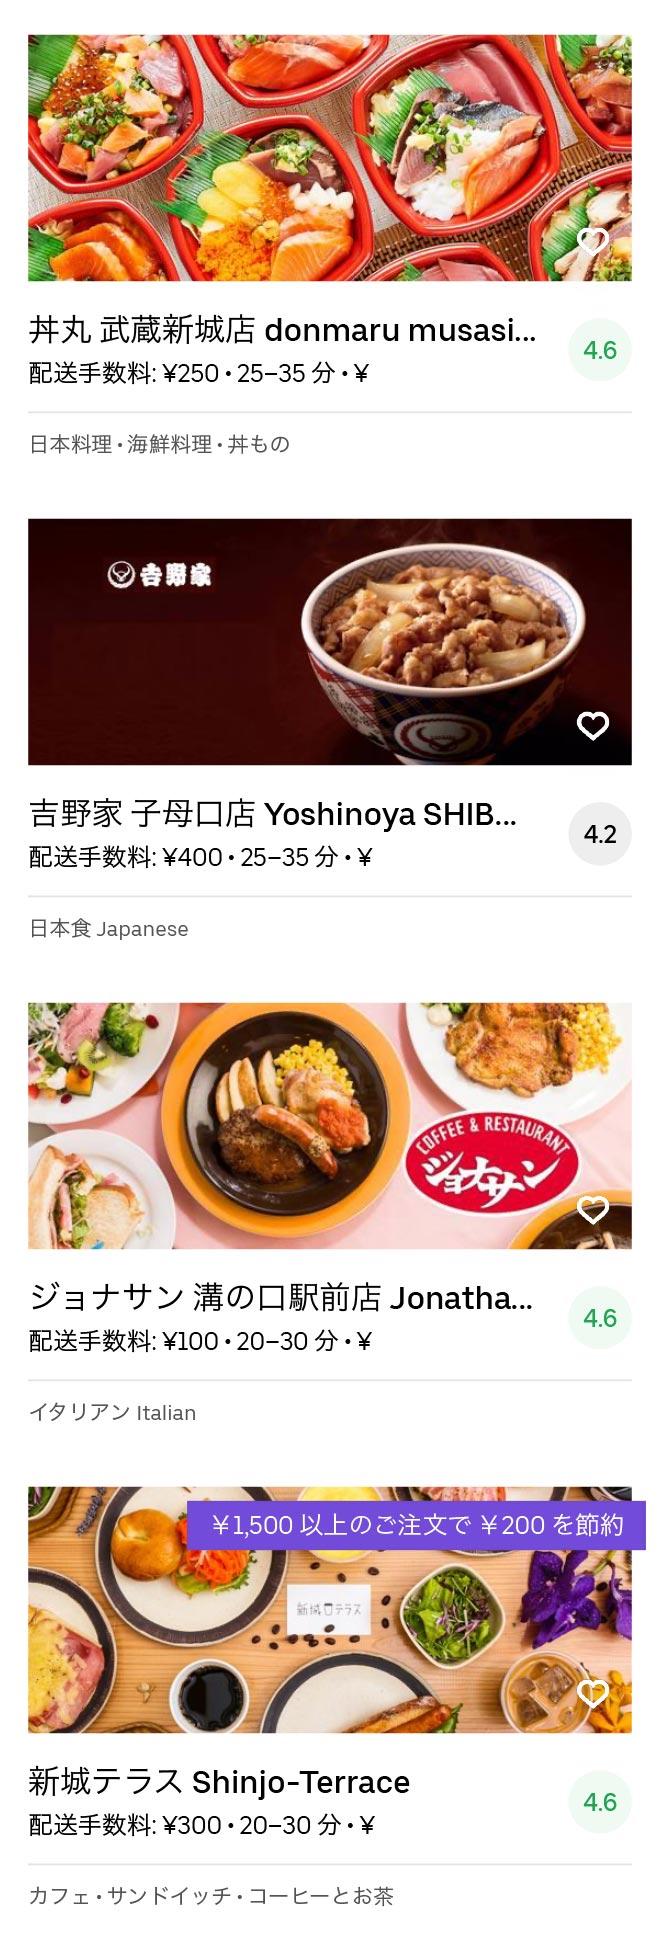 Takatsu menu 2004 08